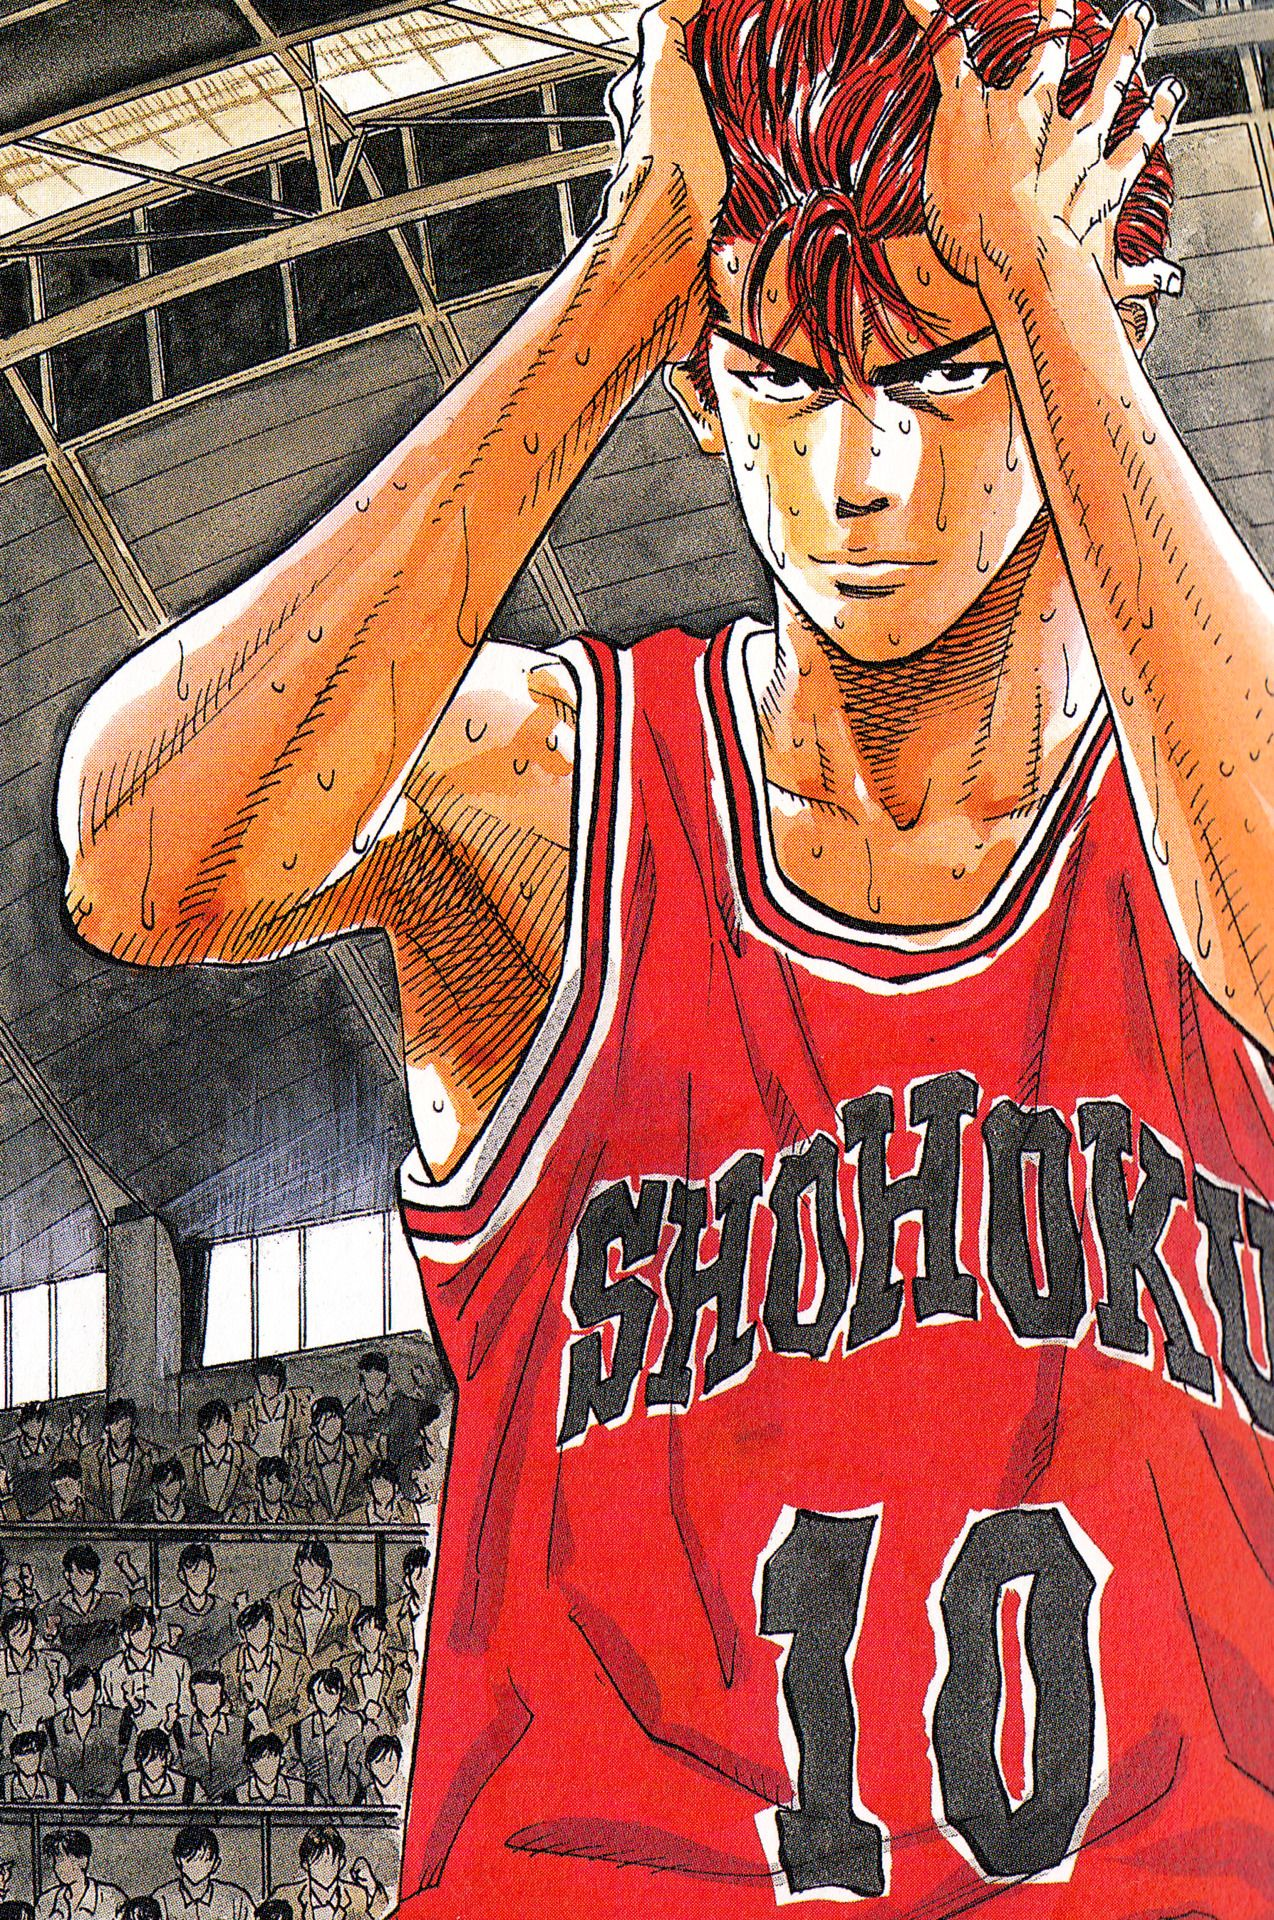 スラムダンク (Slam Dunk), Takehiko Inoue スラムダンク, スラムダンク アニメ